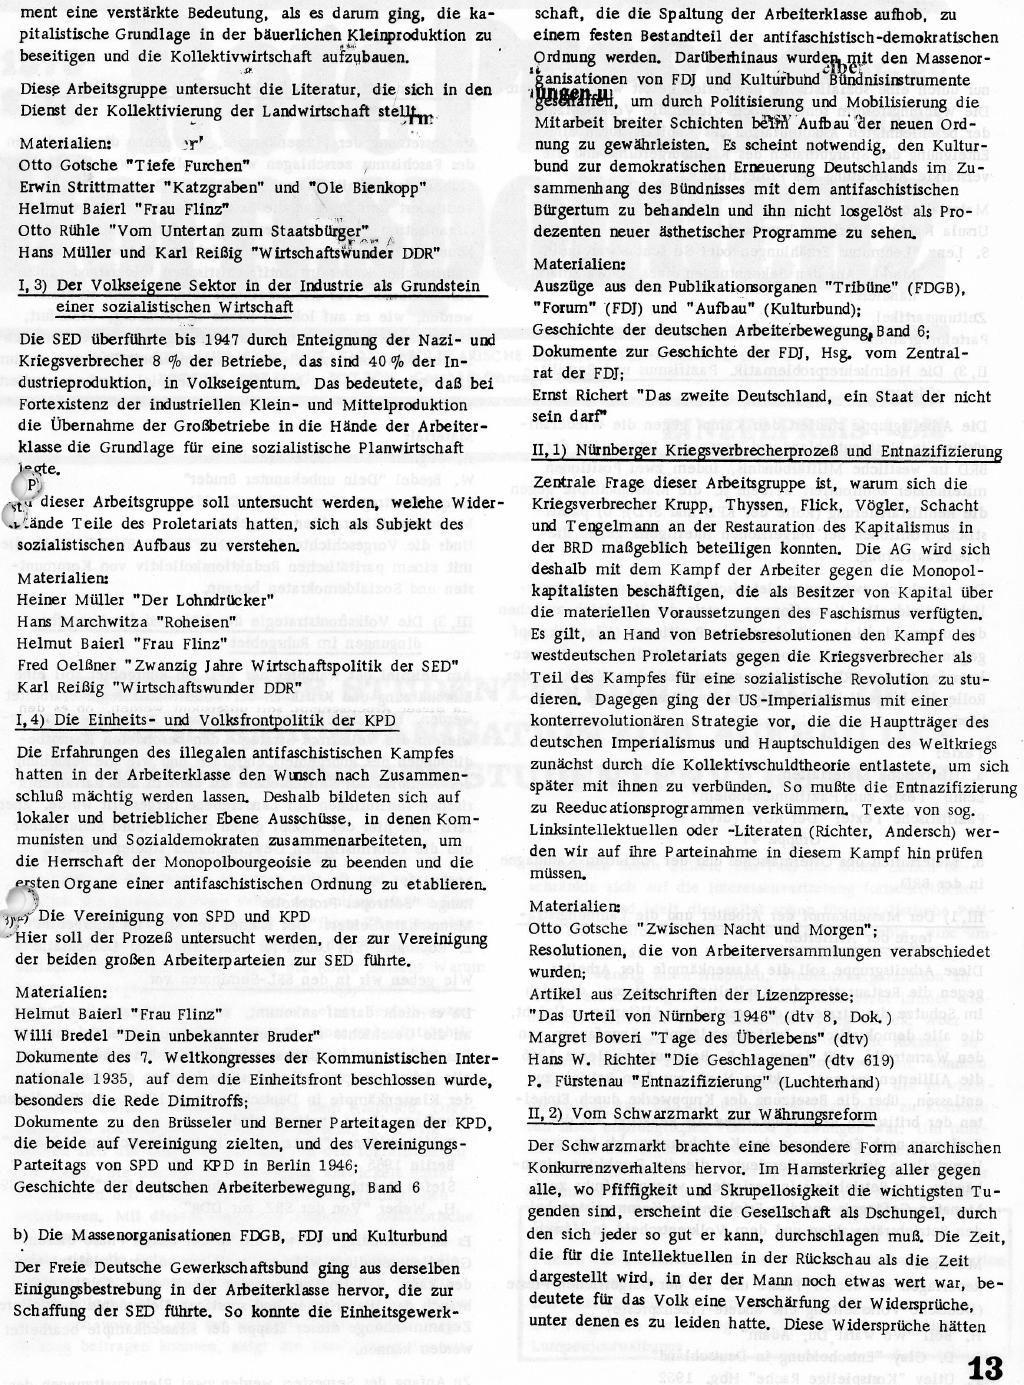 RPK_1970_088_13